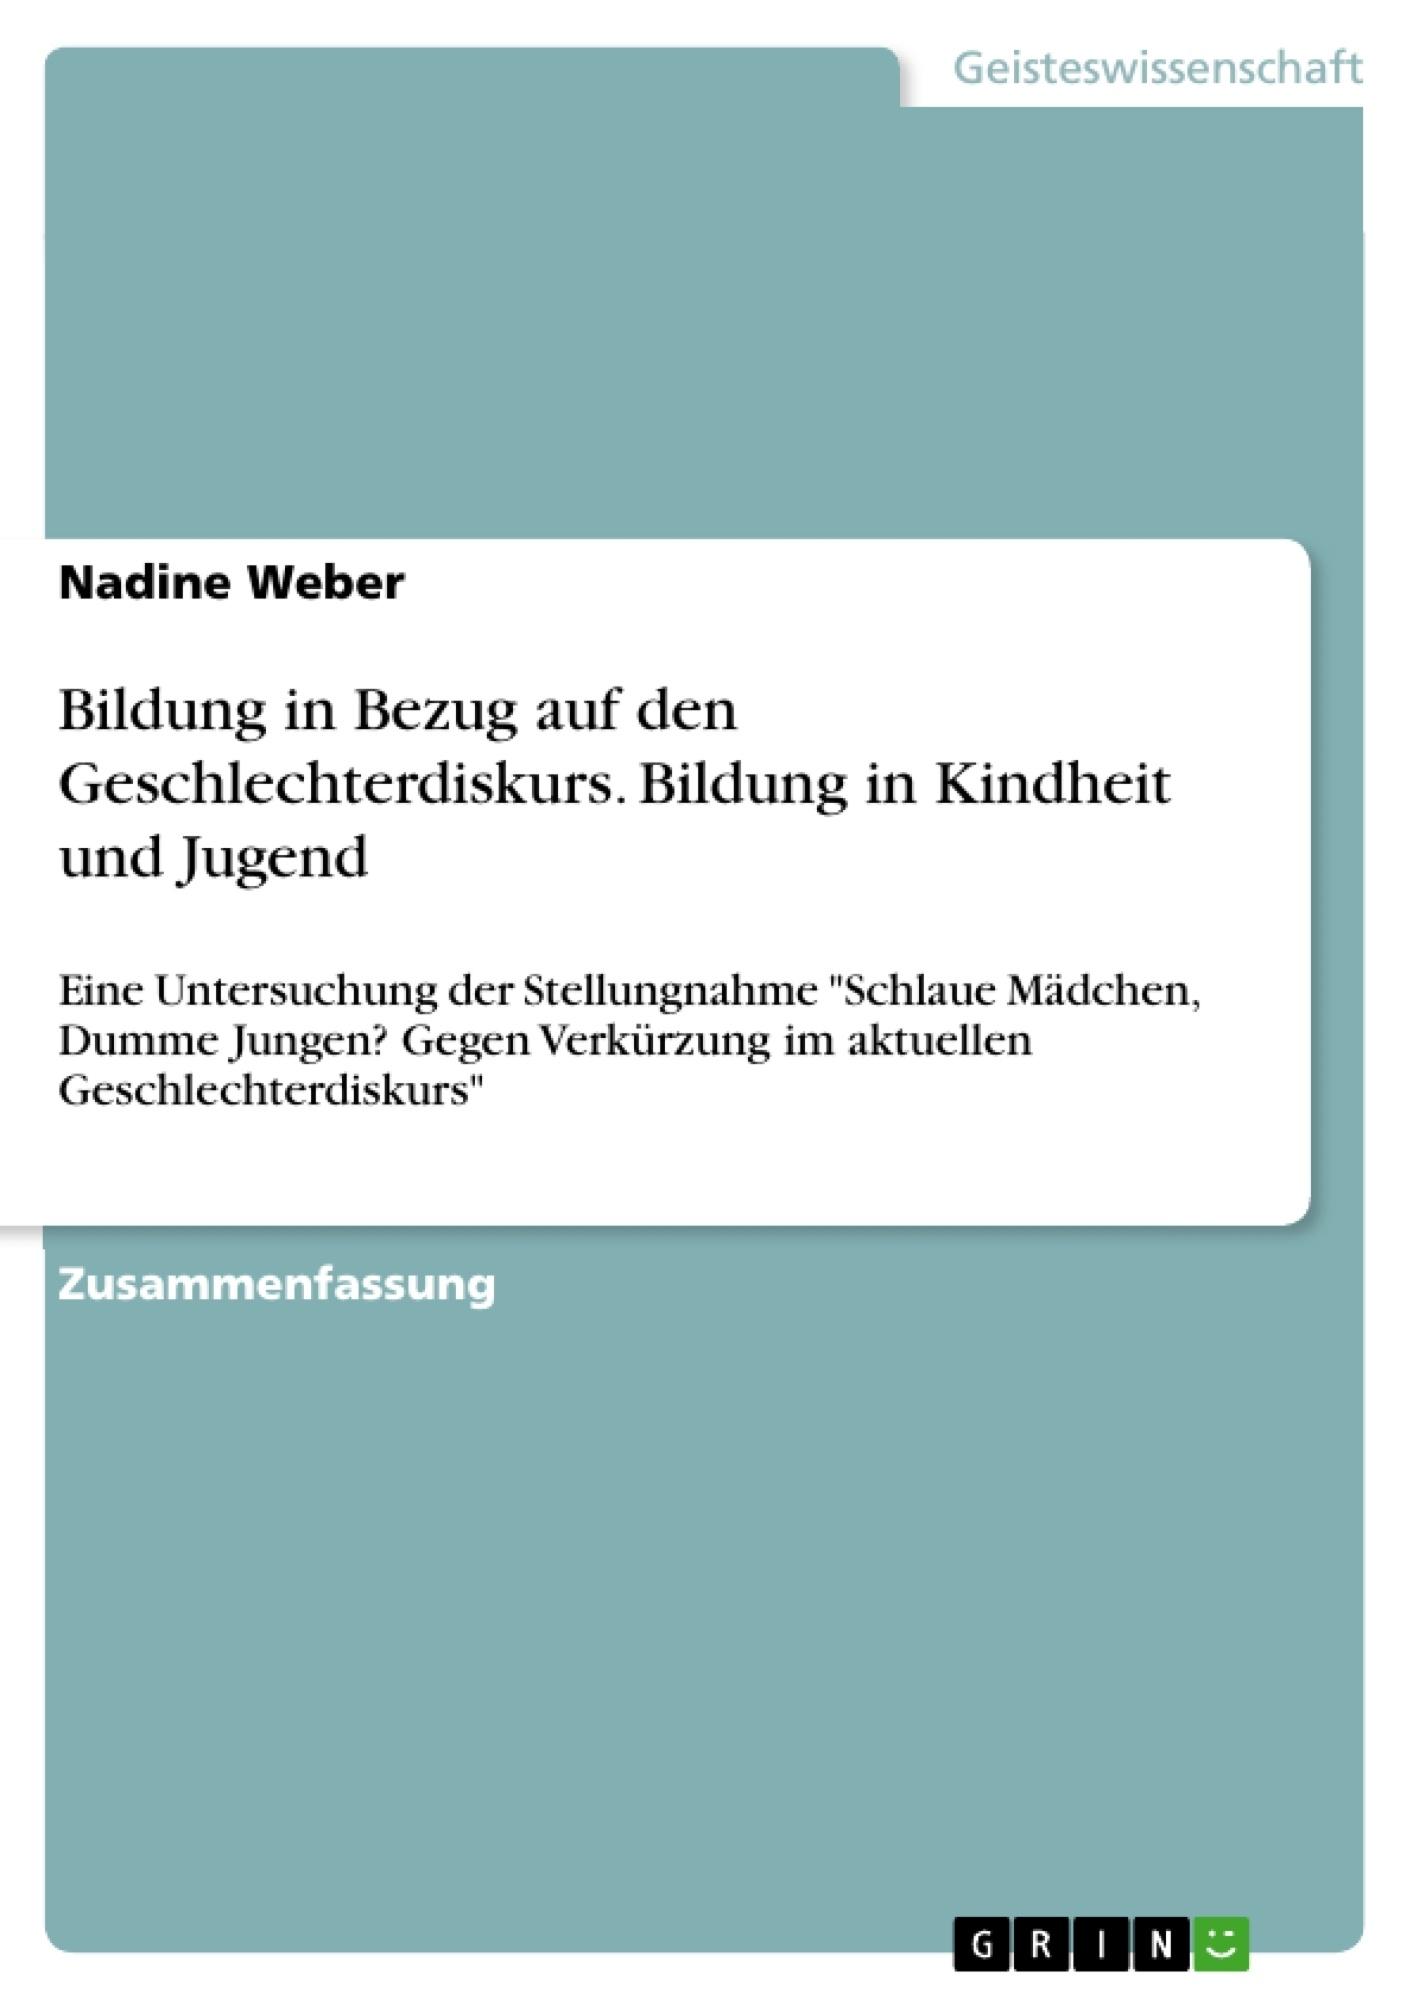 Titel: Bildung in Bezug auf den Geschlechterdiskurs. Bildung in Kindheit und Jugend